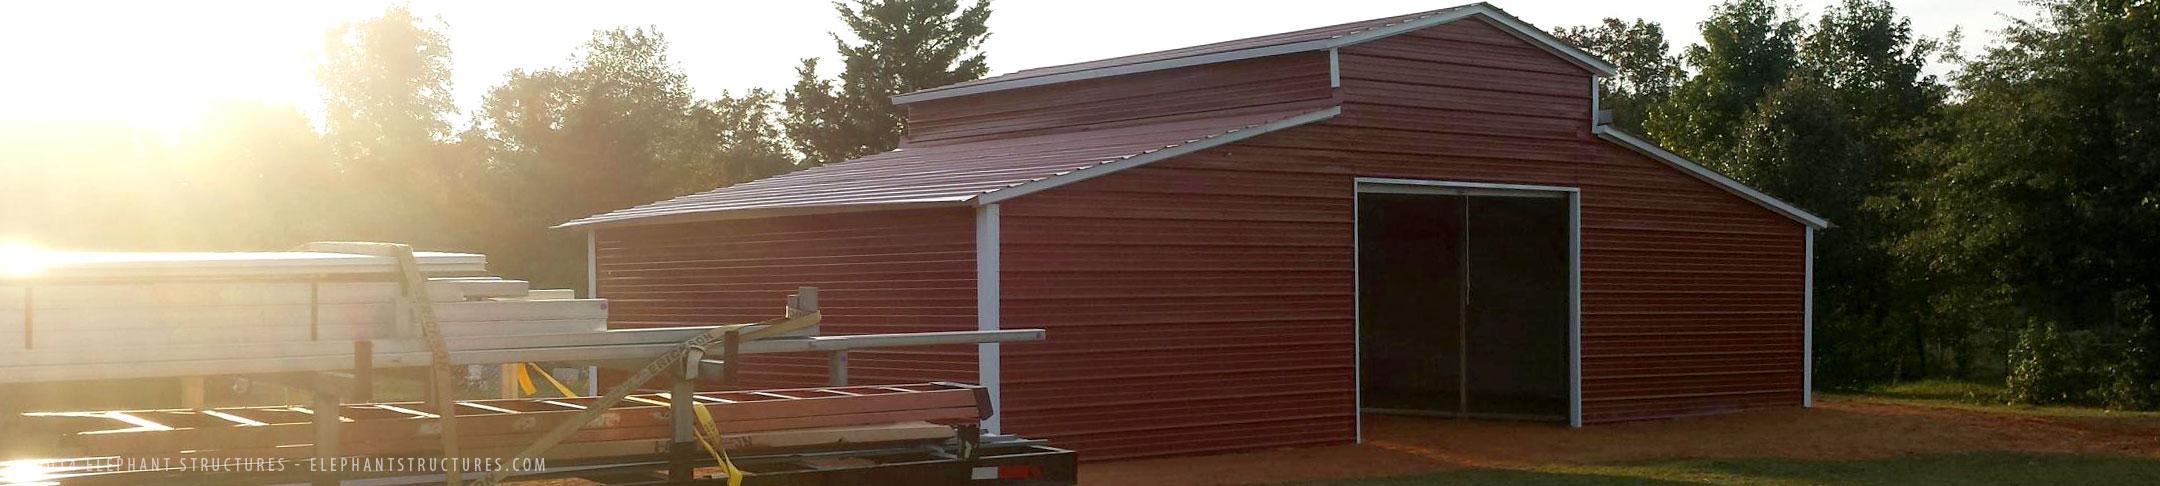 Metal Barns For Sale Custom Horse Barns And Metal Barn Kits